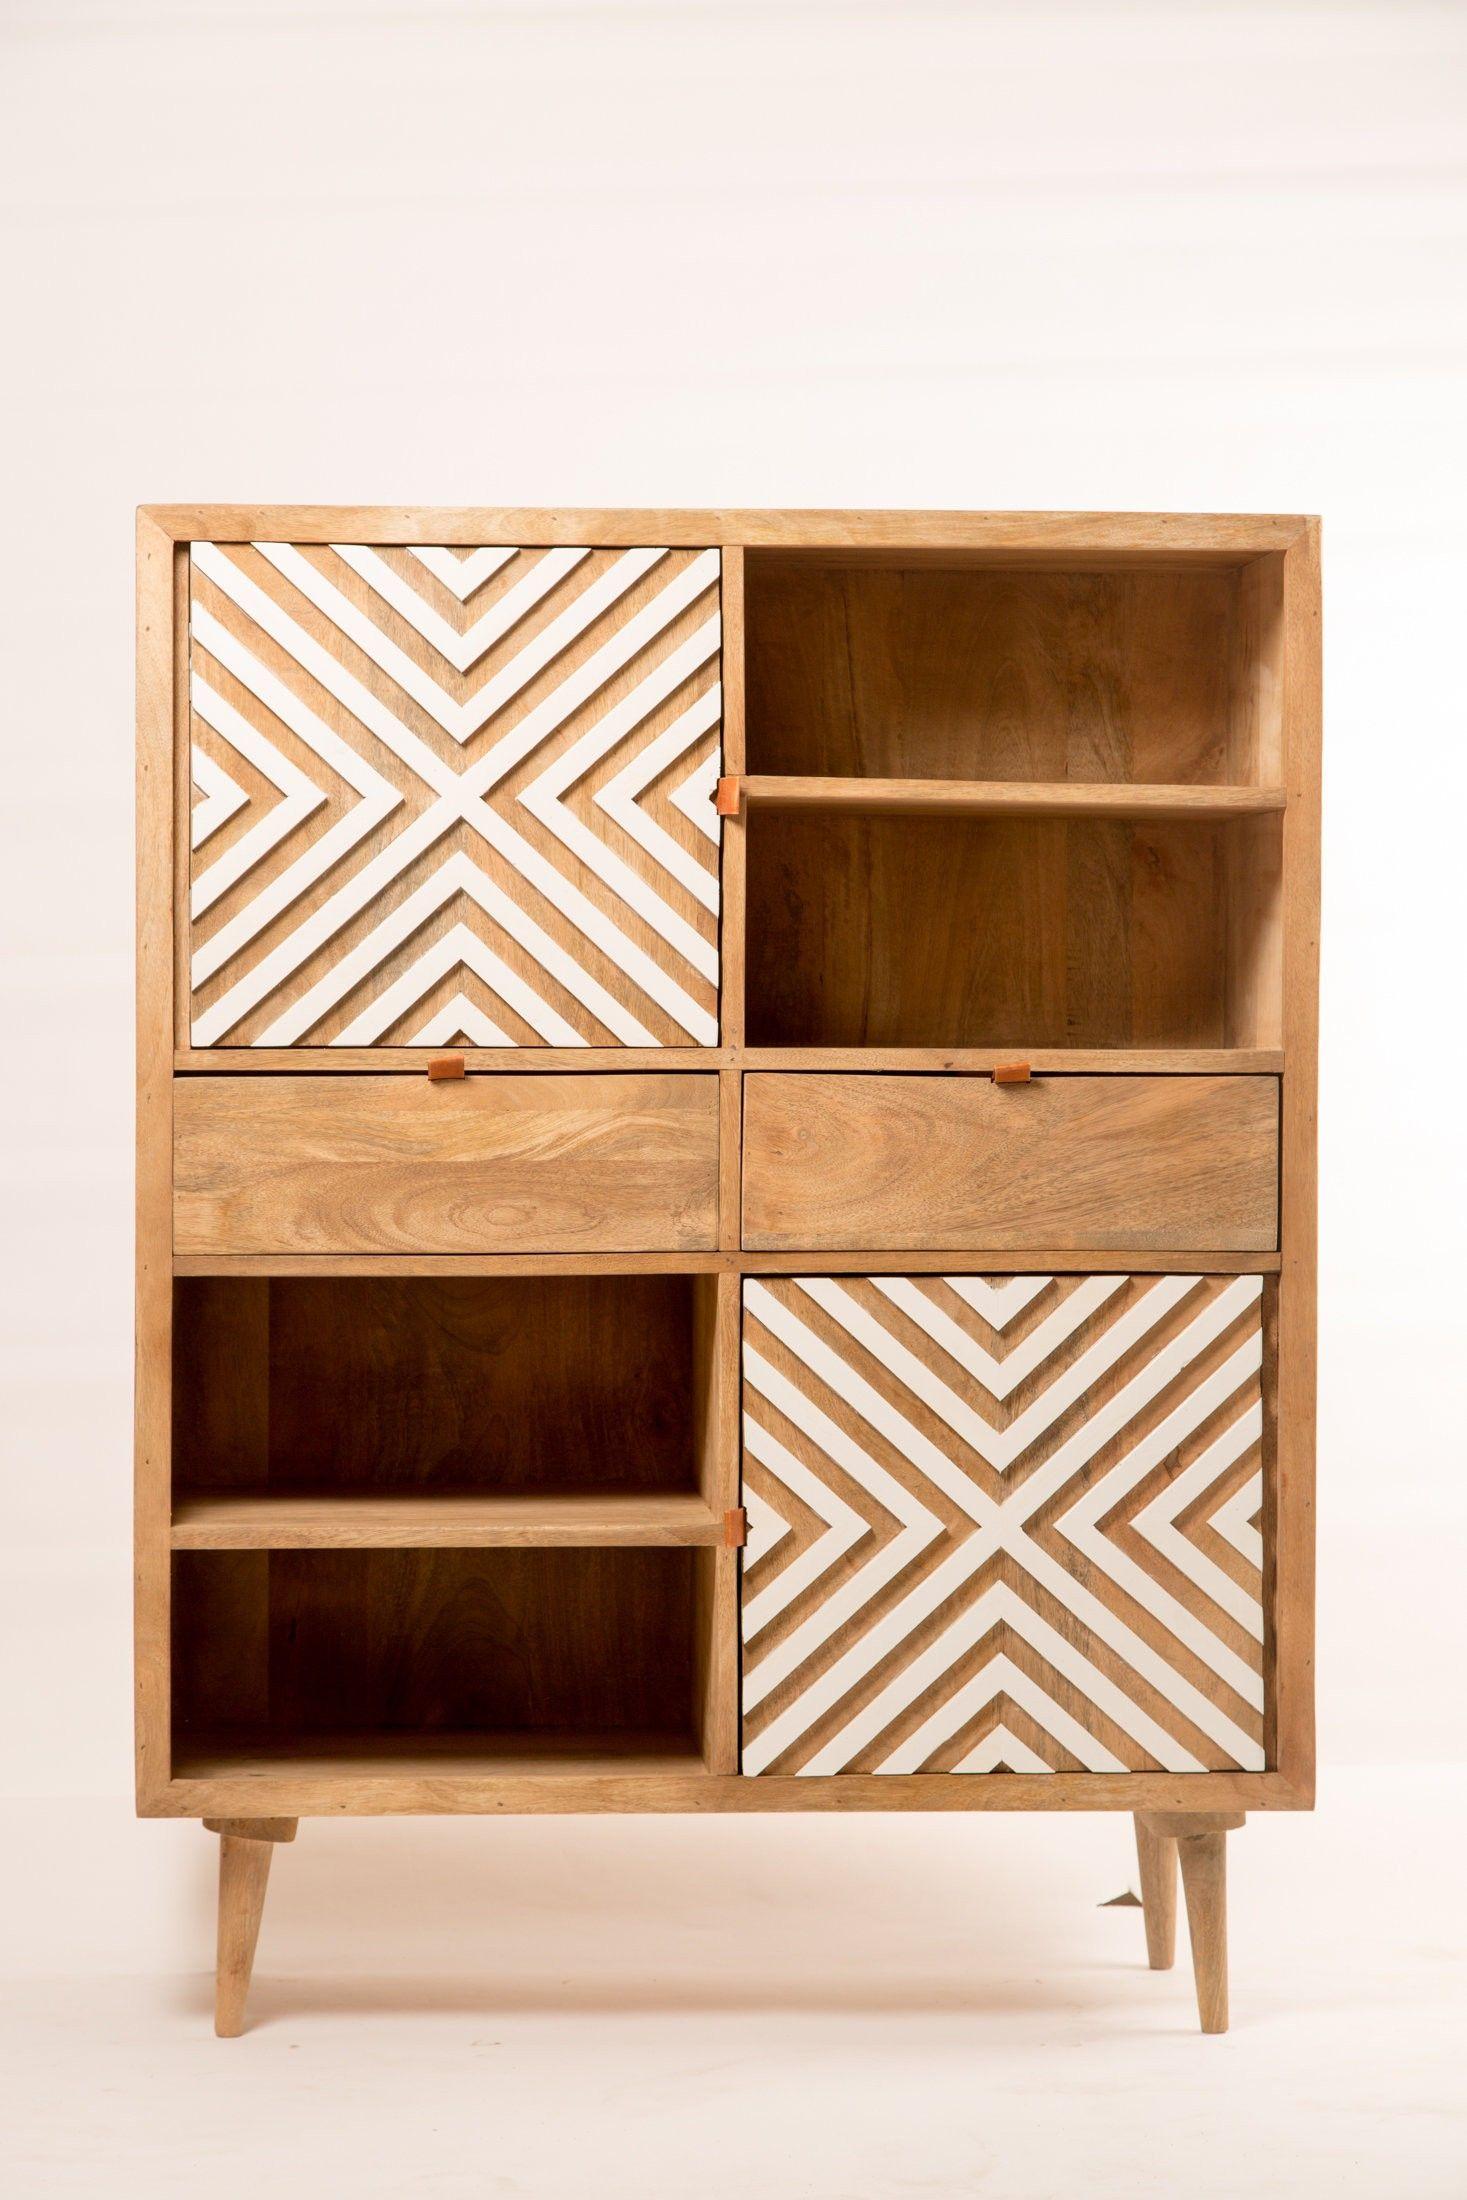 Buffet Design Bois Geometrique A New 19 1 18 Design Buffet